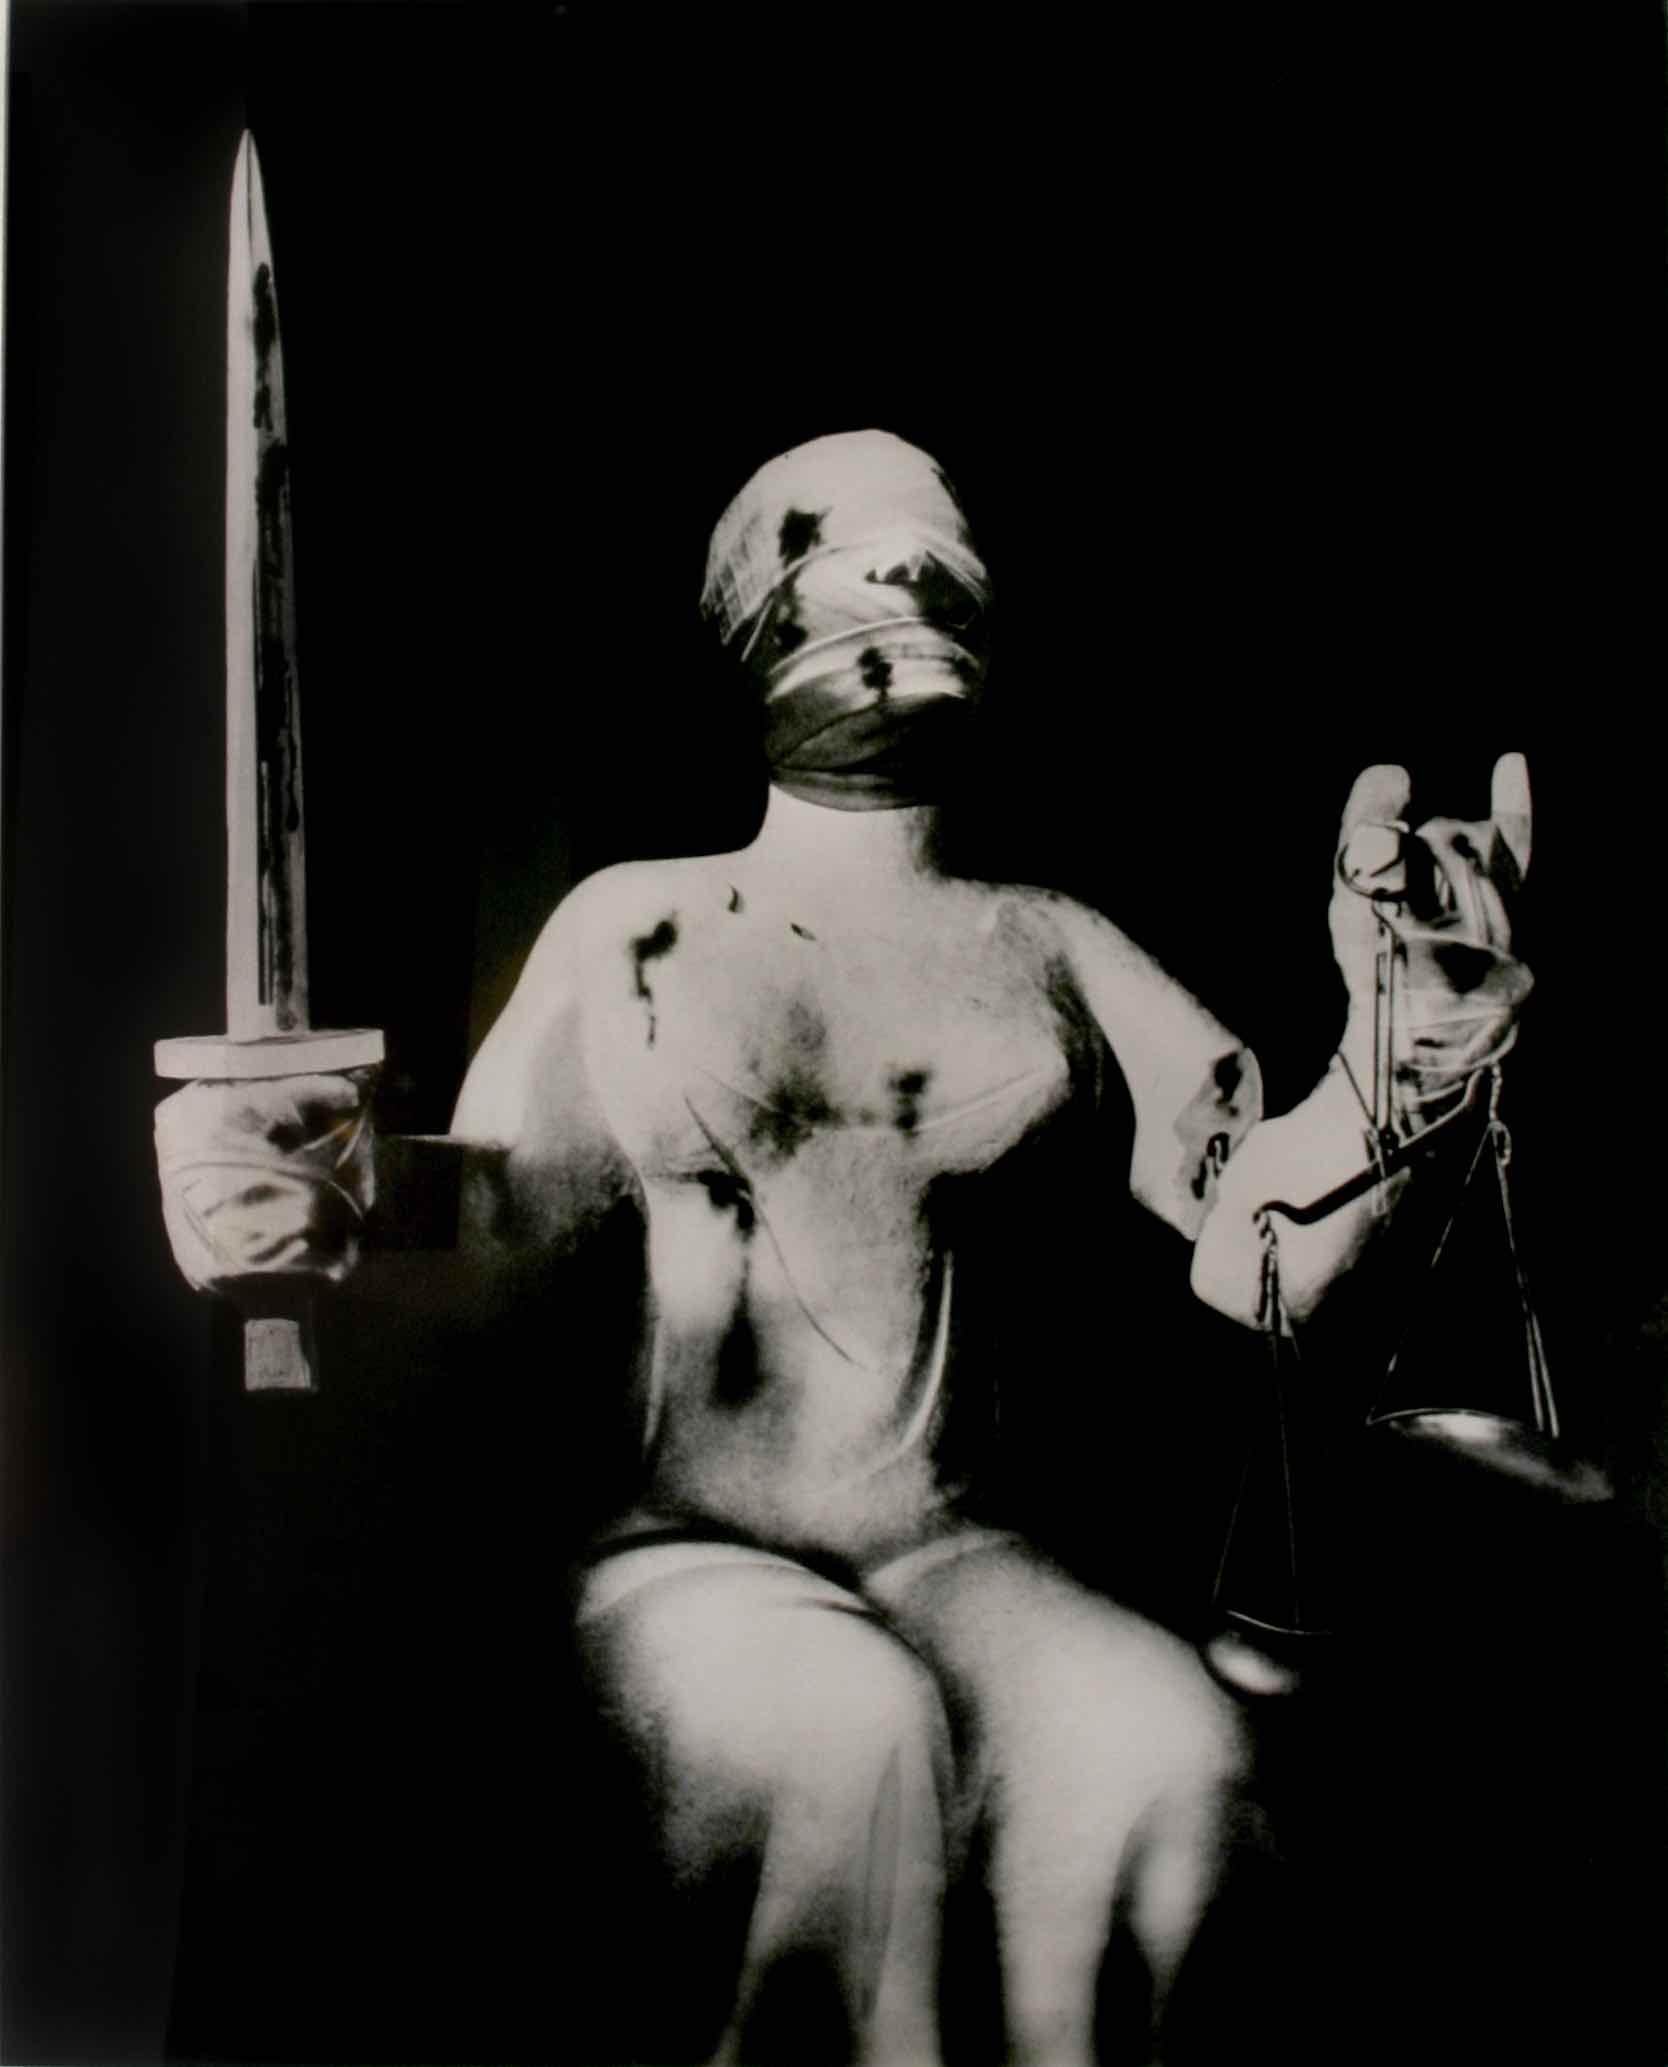 """John Heartfield (1891-1968) Der Henker und Die Gerechtigkeit (""""The Executioner and Justine""""), c. 1933 gelatin silver print 37 x 29 1⁄2 inches courtesy Ubu Gallery, New York."""